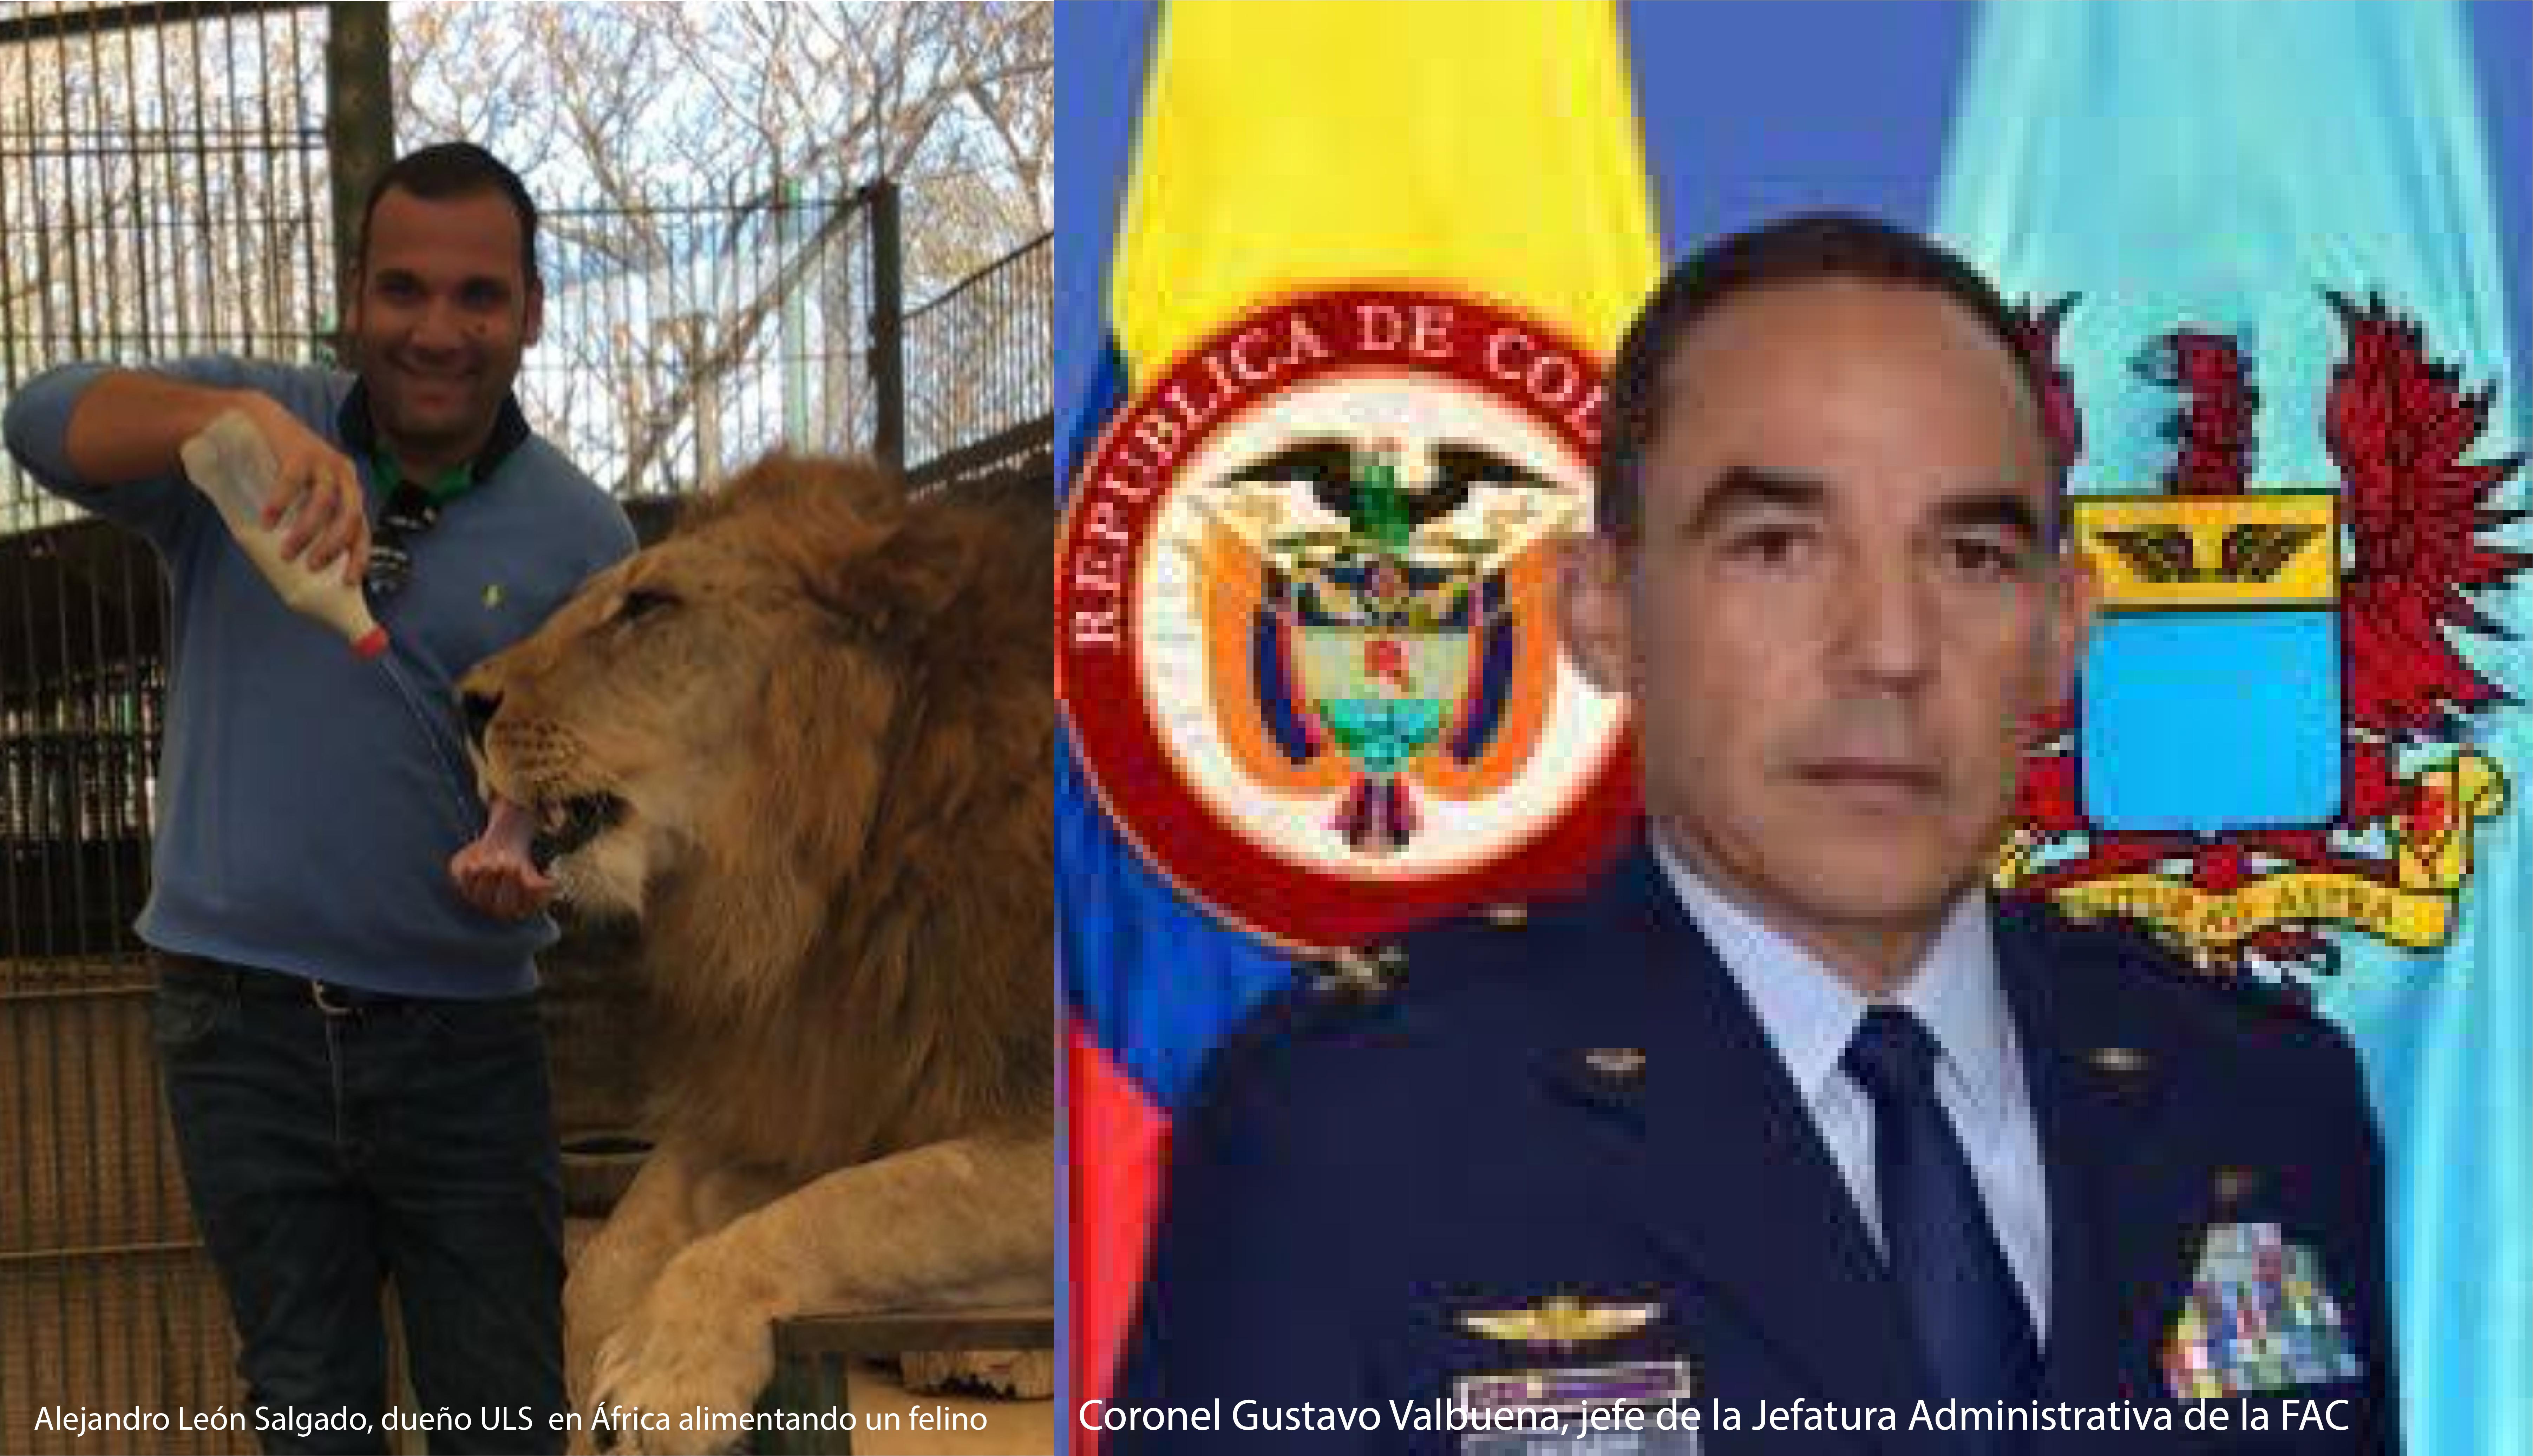 coronel Gustavo Valbuena, jefe de la Jefatura Administrativa de la FAC